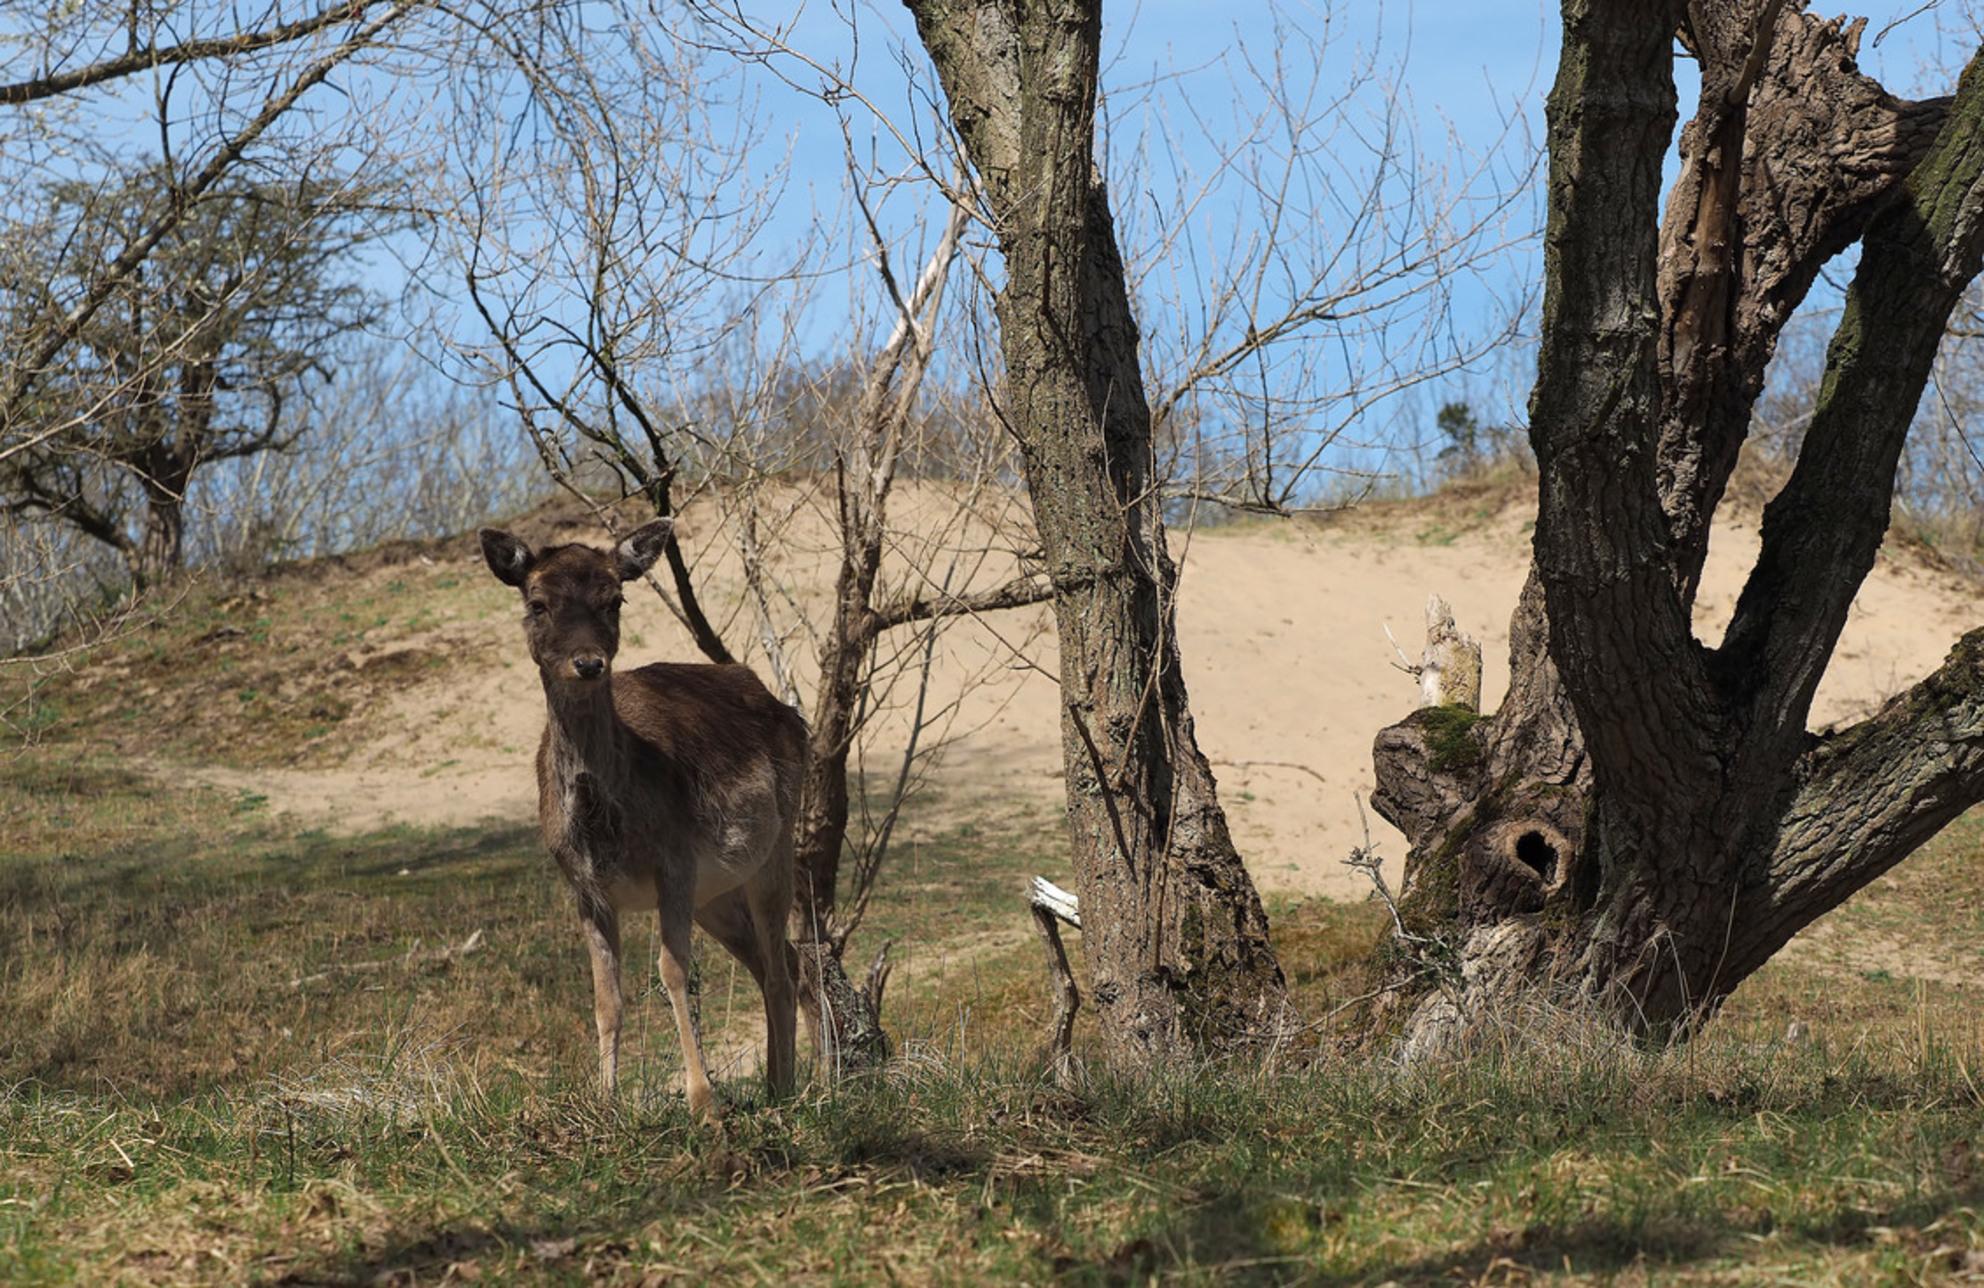 Een .... - Een....zijn met de natuur...en dan zie je die mooie ...dan kan je dag niet meer stuk... - foto door pietsnoeier op 30-04-2015 - deze foto bevat: boom, natuur, dieren, ree, bos, hert, awd, wildlife, dof, bokeh